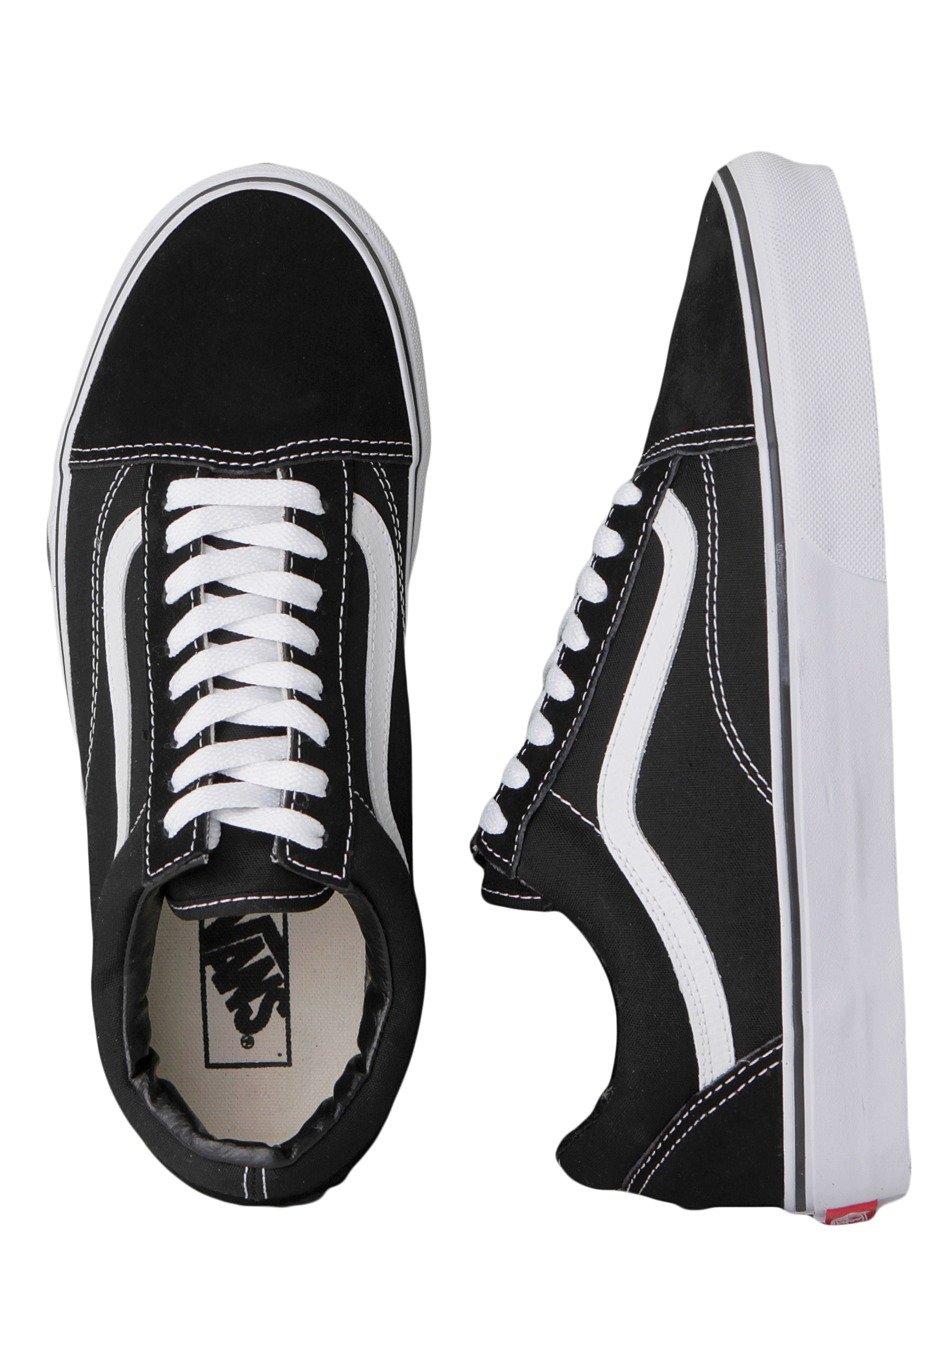 Chaussures Vans Old Skool Black White